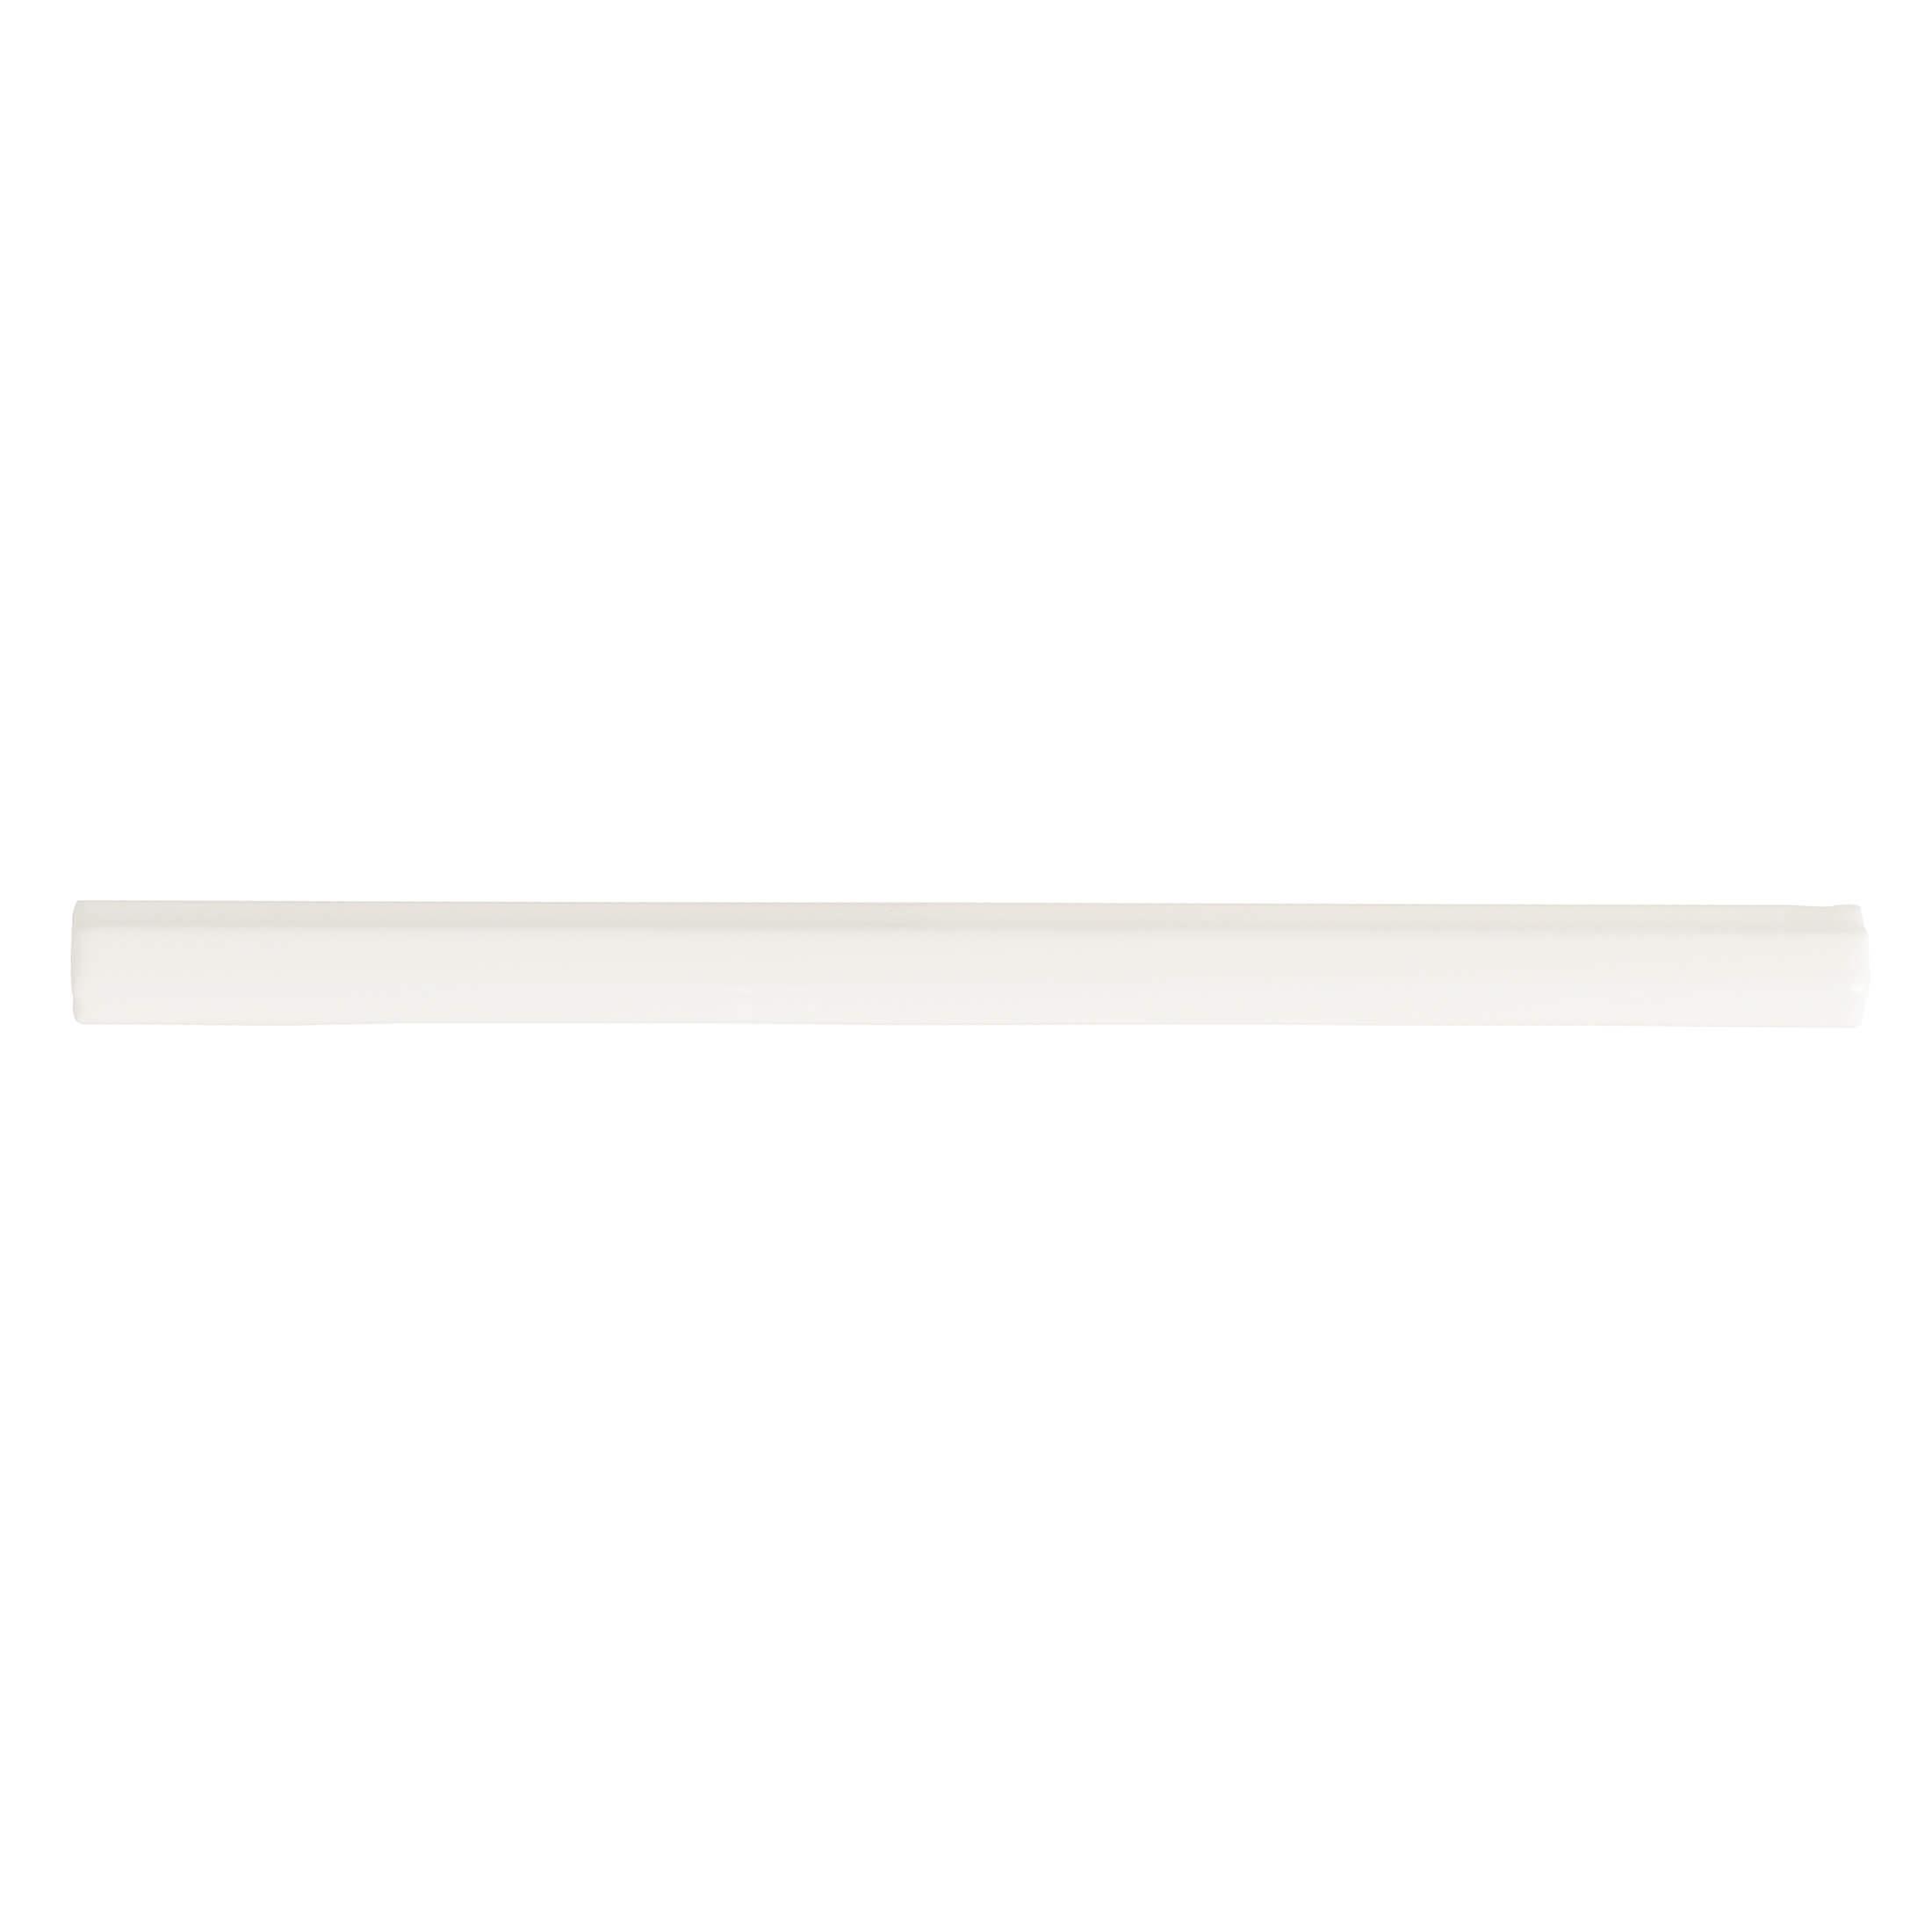 ADCT5020 - LISTELO CLASICO - 2 cm X 30 cm